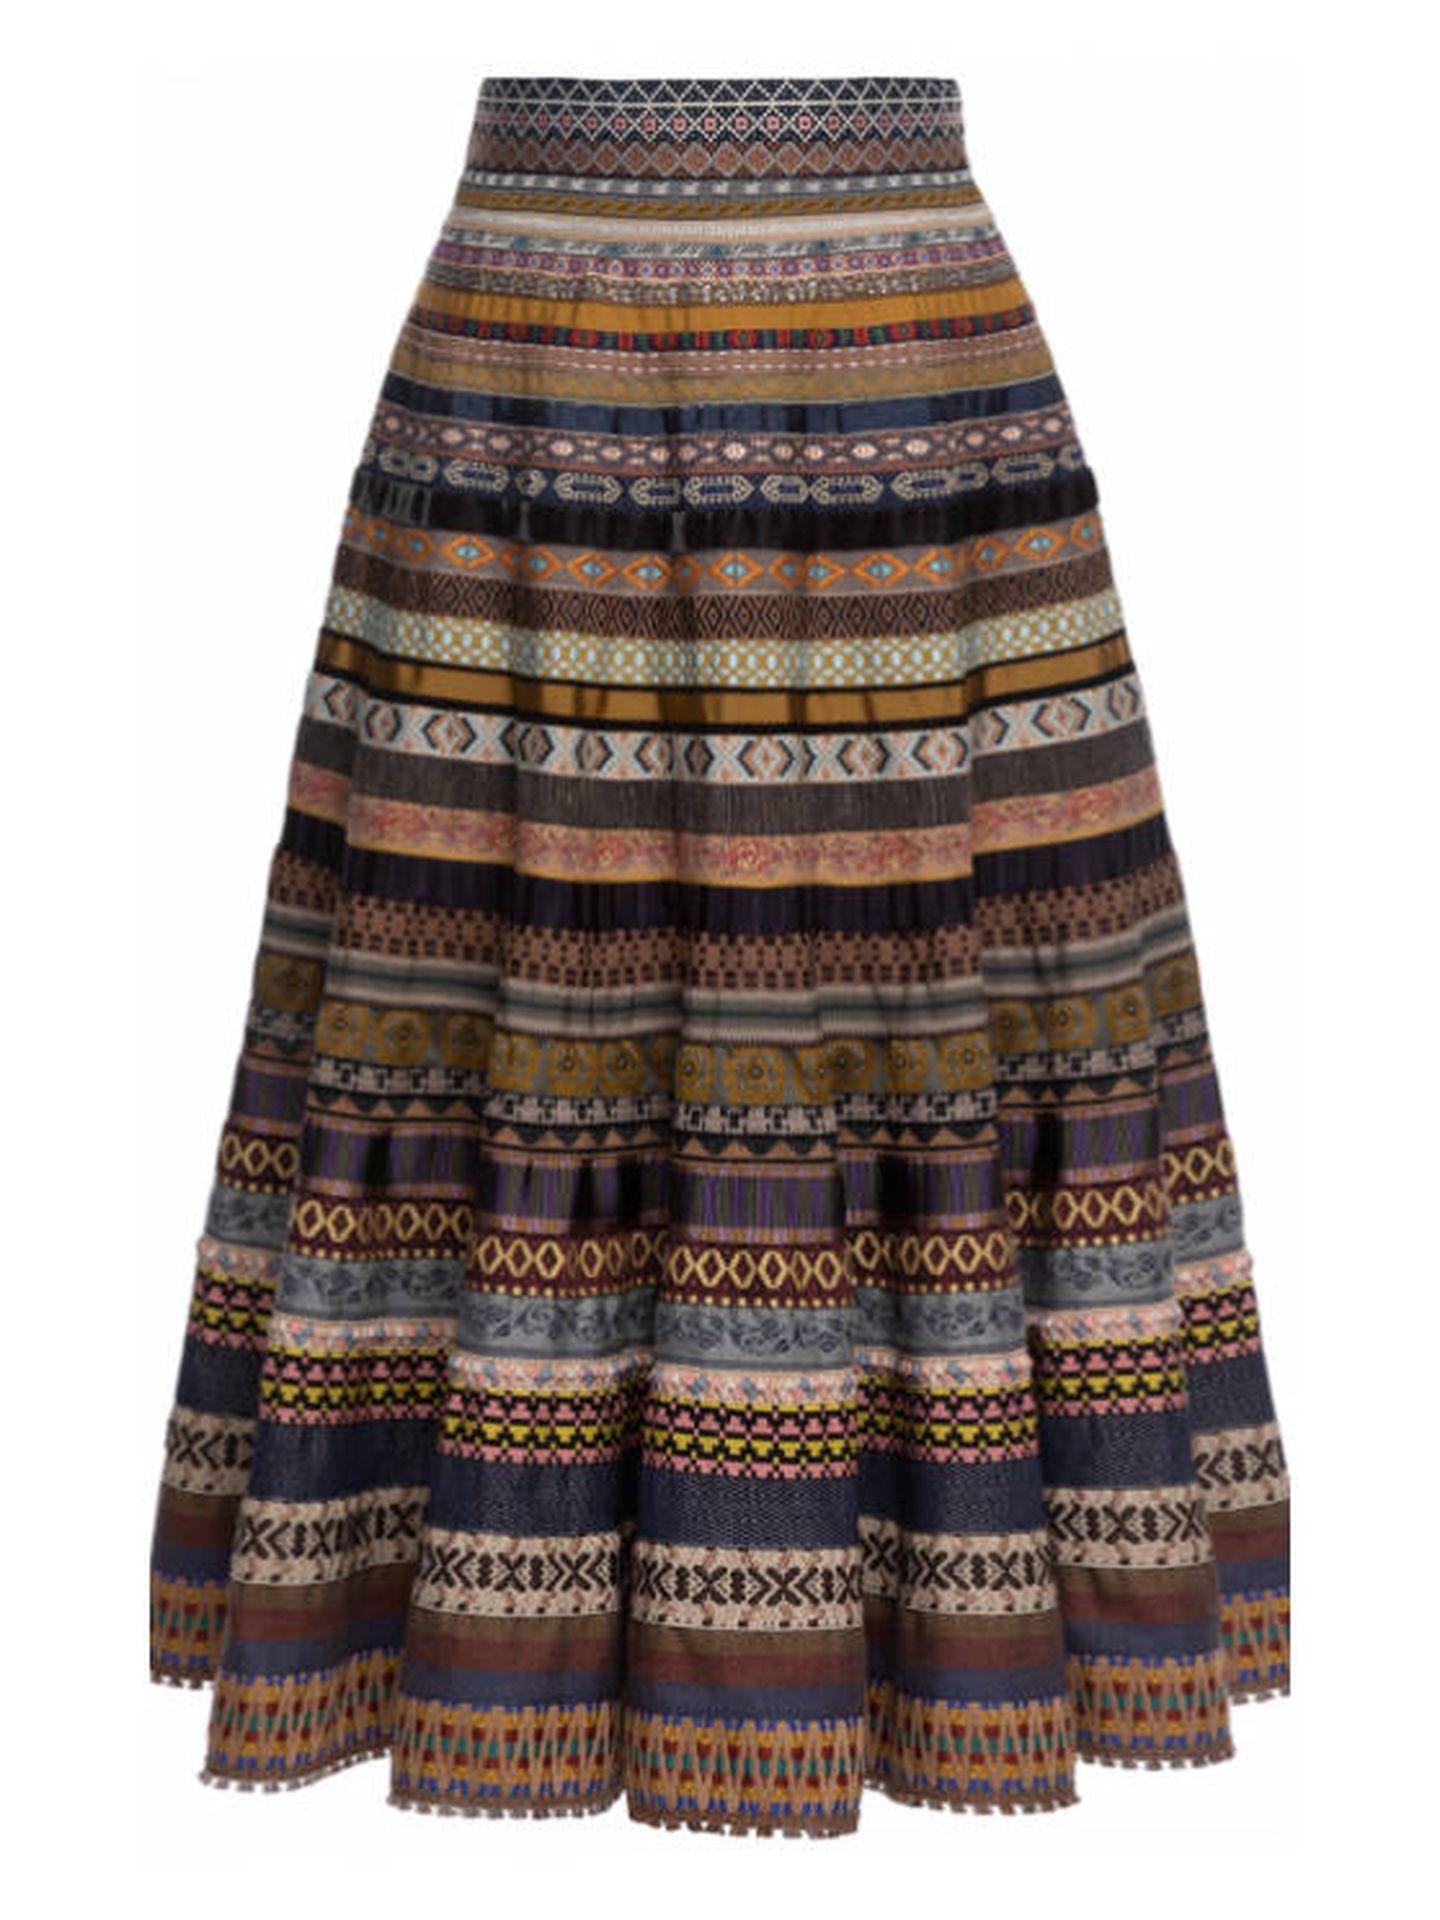 La falda de Lena Hoschek. (Cortesía)